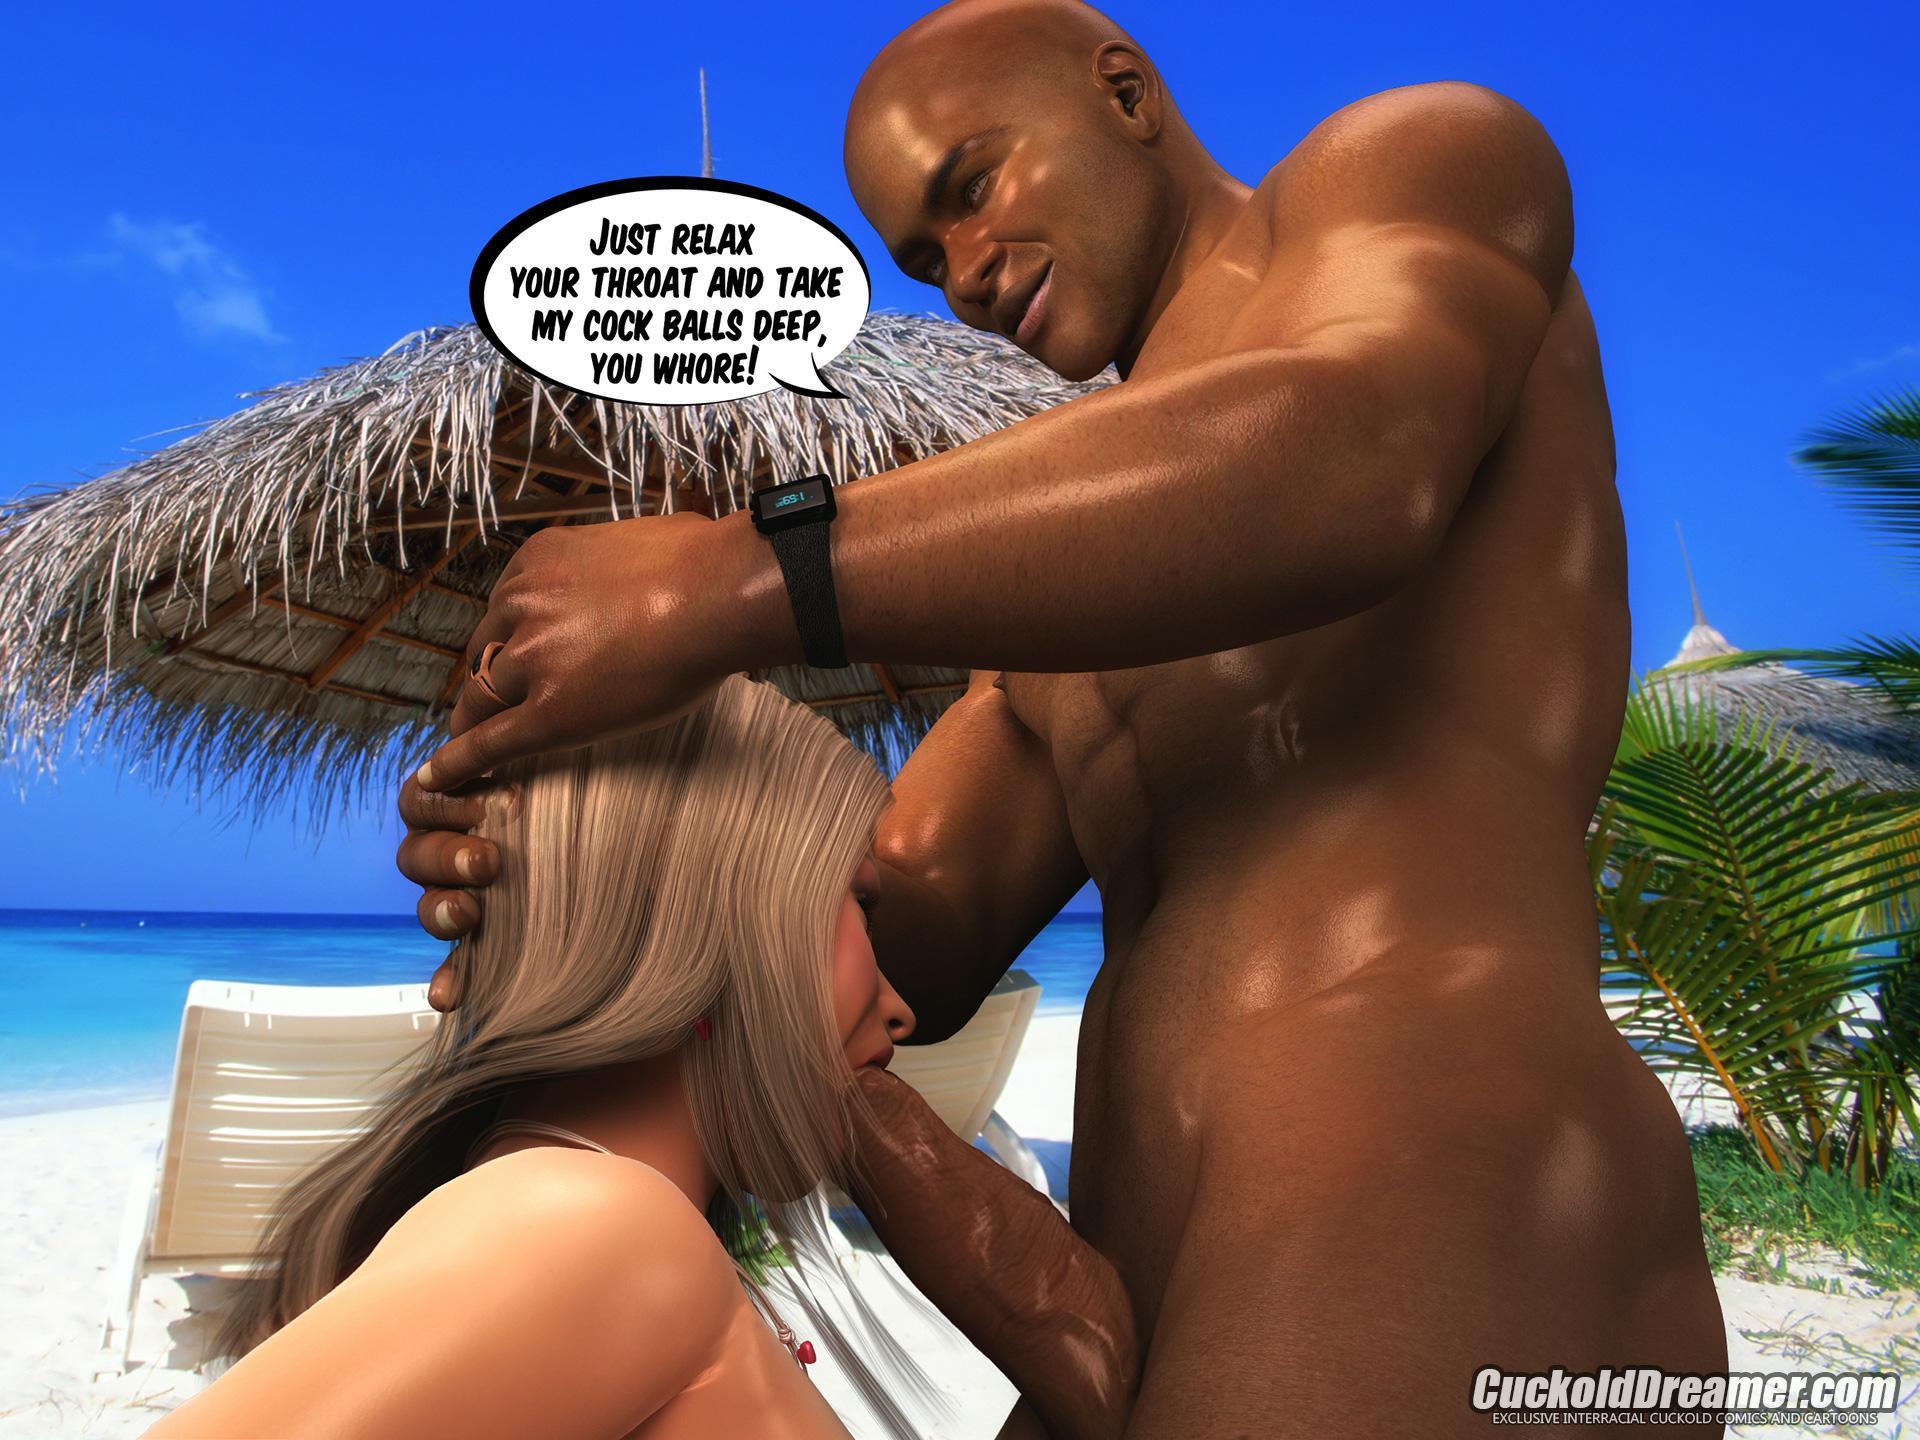 妻 空腹 のための 黒 cocks cuckolddreamer - 部分 2